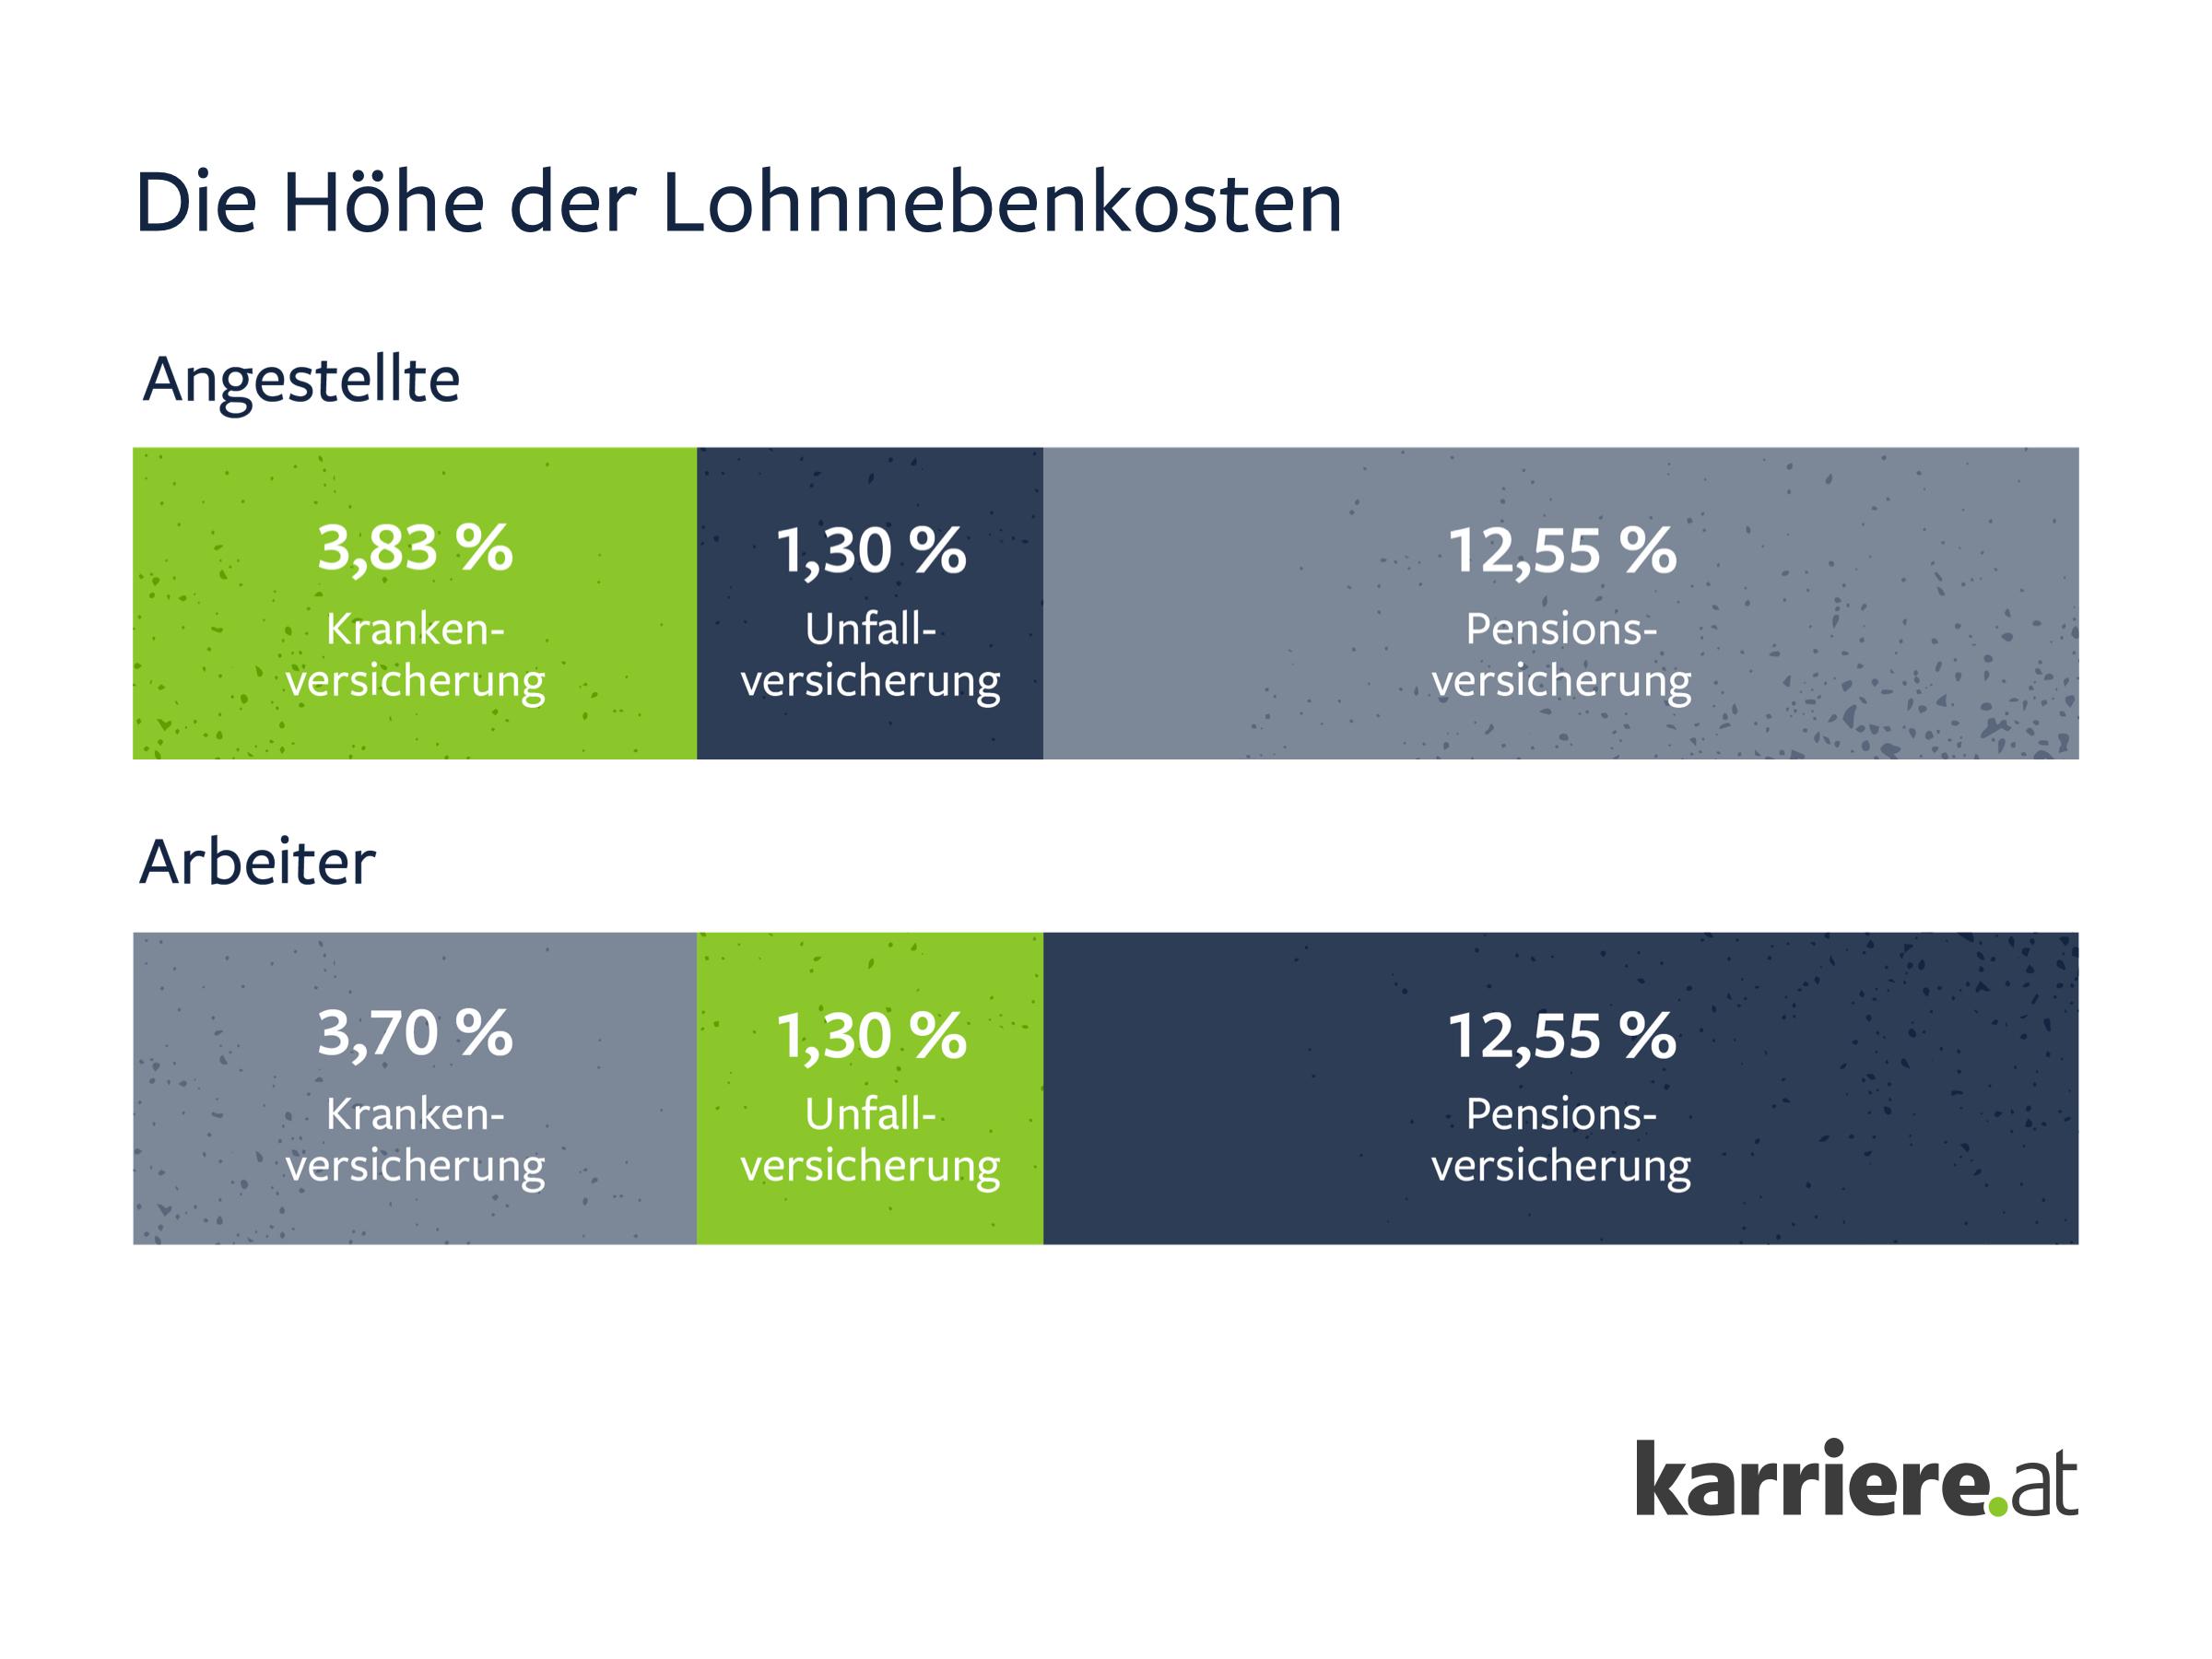 Lohnnebenkosten in Österreich - Zusammensetzung